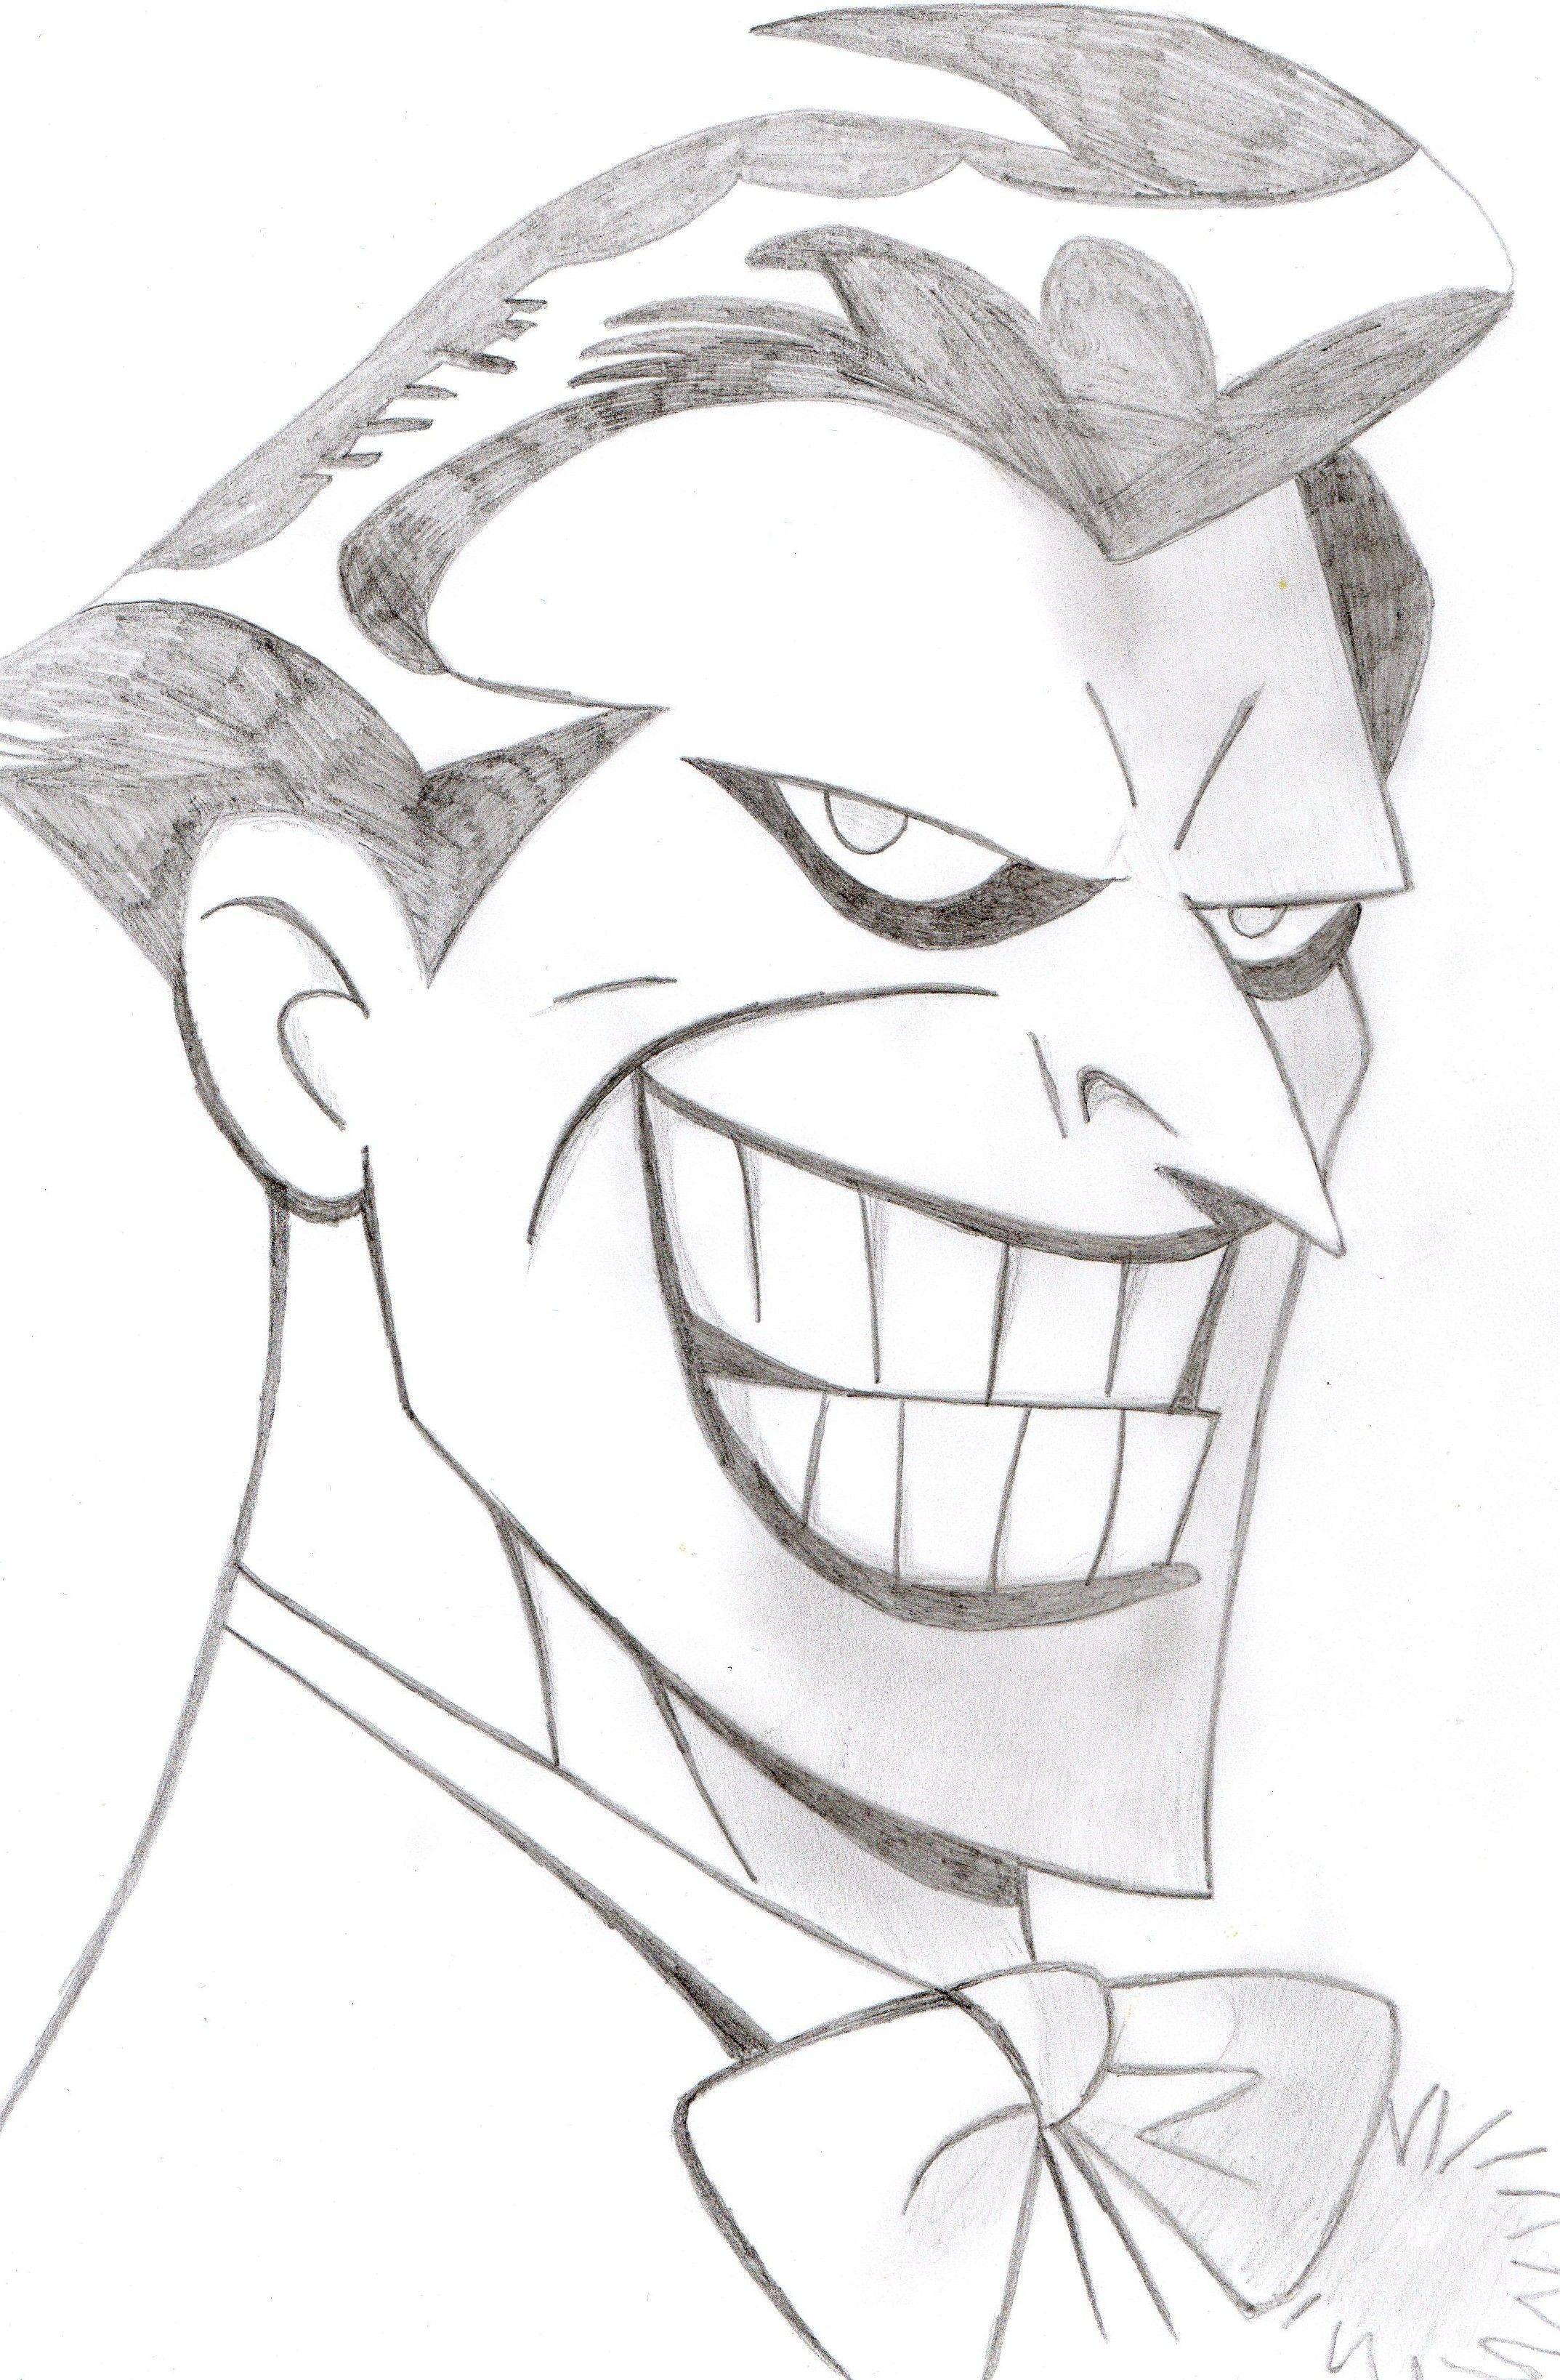 Drawing Joker Cartoon : drawing, joker, cartoon, Joker, Portrait, Desenhos, Coringa,, Arlequina, Coringa, Desenho,, Desenho, Monica